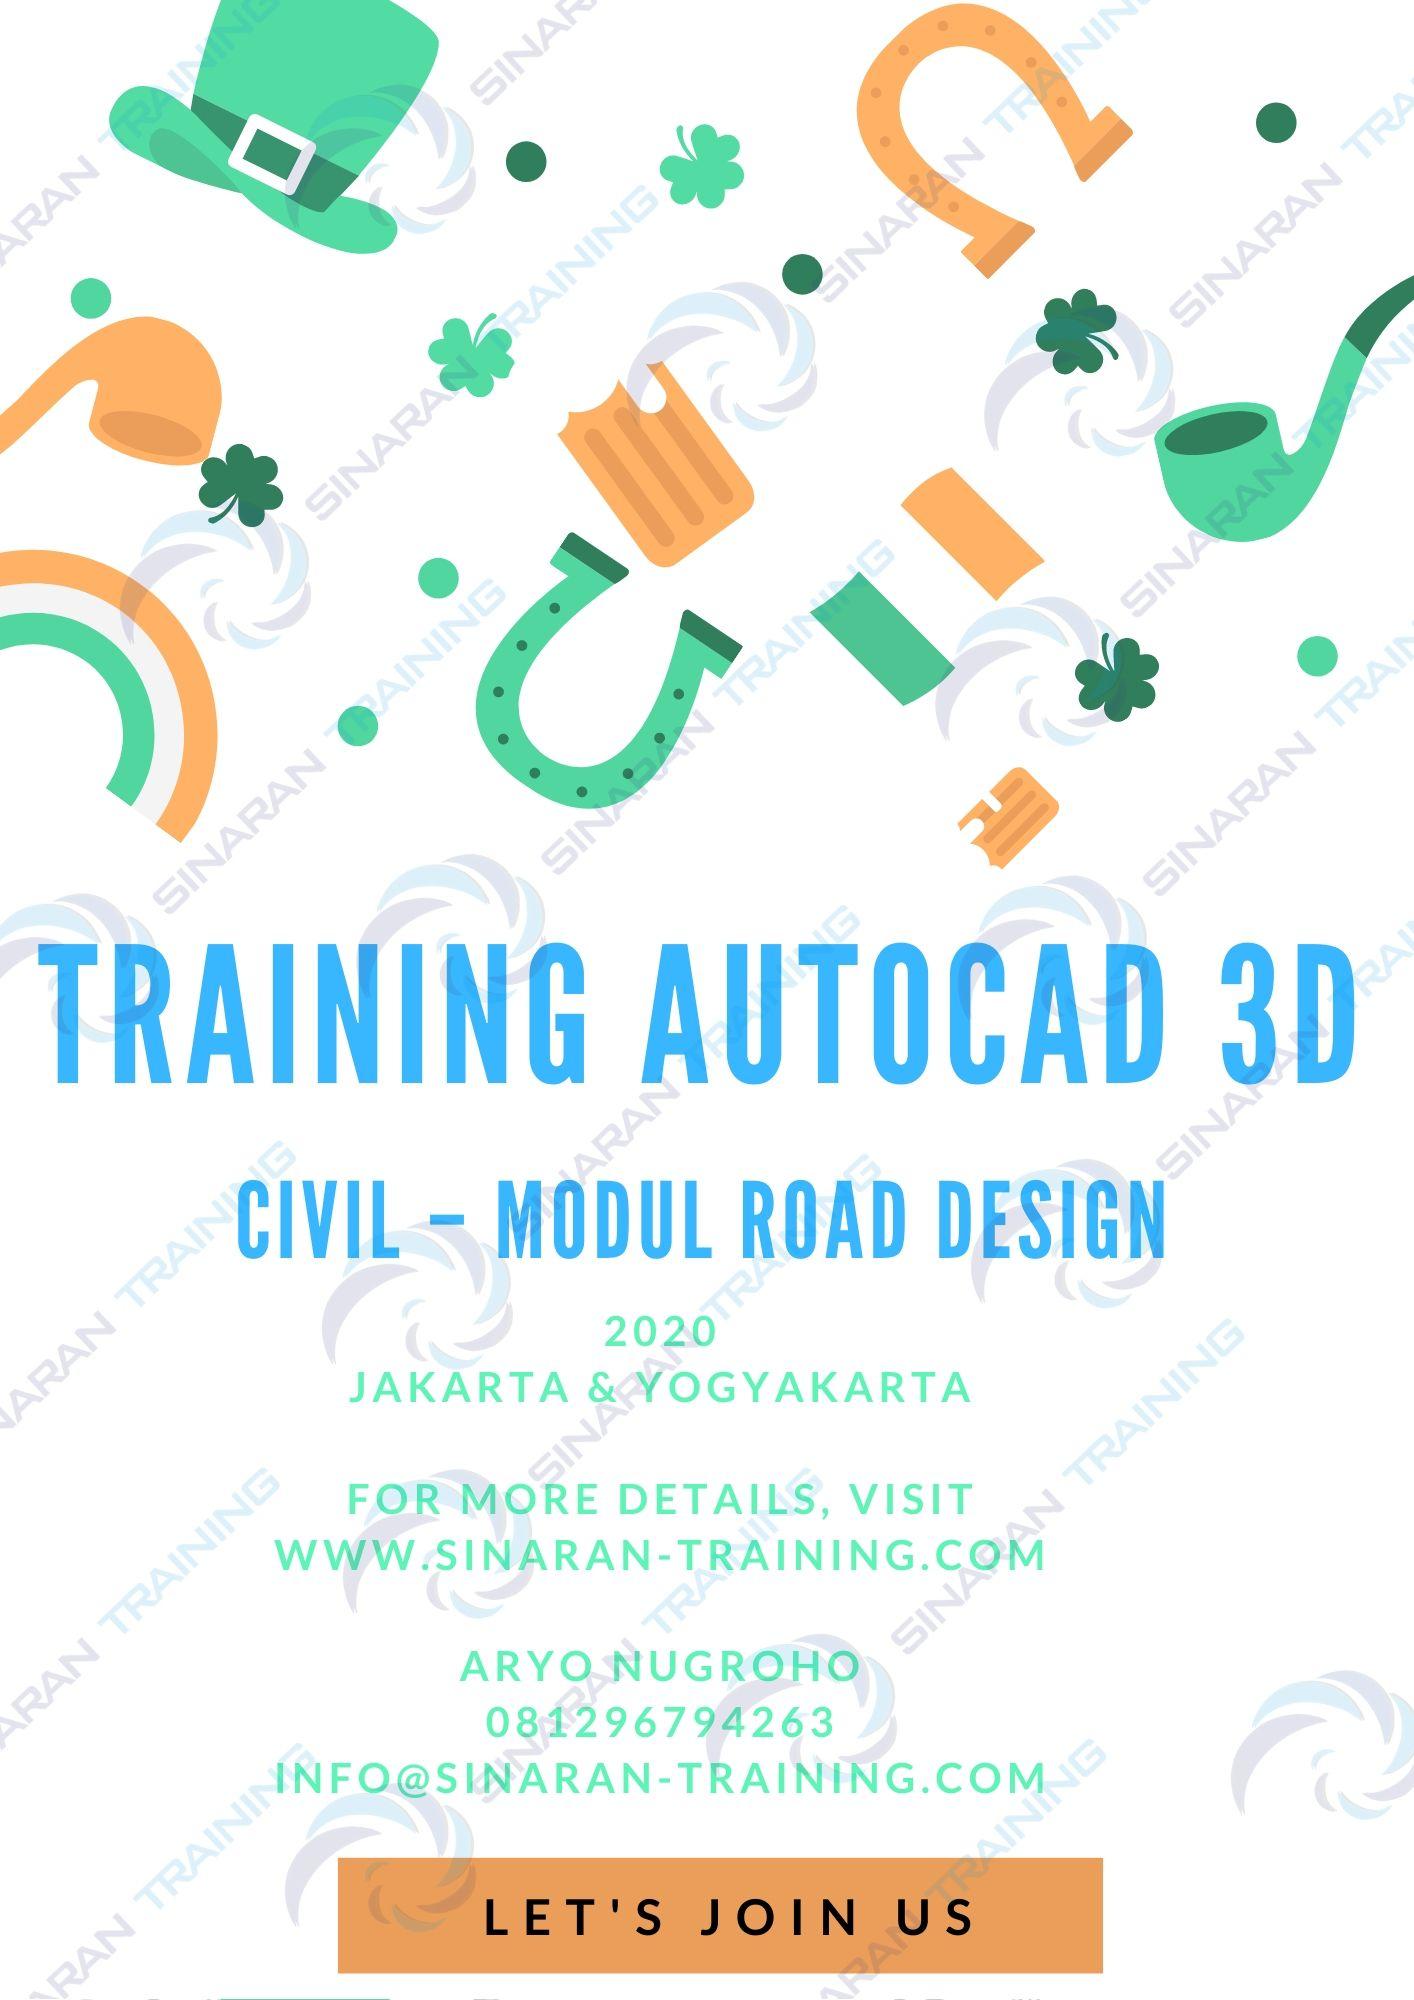 training Autocad 3D CIVIL – Modul Road Design,pelatihan Autocad 3D CIVIL – Modul Road Design,training Autocad 3D CIVIL – Modul Road Design Batam,training Autocad 3D CIVIL – Modul Road Design Bandung,training Autocad 3D CIVIL – Modul Road Design Jakarta,training Autocad 3D CIVIL – Modul Road Design Jogja,training Autocad 3D CIVIL – Modul Road Design Malang,training Autocad 3D CIVIL – Modul Road Design Surabaya,training Autocad 3D CIVIL – Modul Road Design Bali,training Autocad 3D CIVIL – Modul Road Design Lombok,pelatihan Autocad 3D CIVIL – Modul Road Design Batam,pelatihan Autocad 3D CIVIL – Modul Road Design Bandung,pelatihan Autocad 3D CIVIL – Modul Road Design Jakarta,pelatihan Autocad 3D CIVIL – Modul Road Design Jogja,pelatihan Autocad 3D CIVIL – Modul Road Design Malang,pelatihan Autocad 3D CIVIL – Modul Road Design Surabaya,pelatihan Autocad 3D CIVIL – Modul Road Design Bali,pelatihan Autocad 3D CIVIL – Modul Road Design Lombok